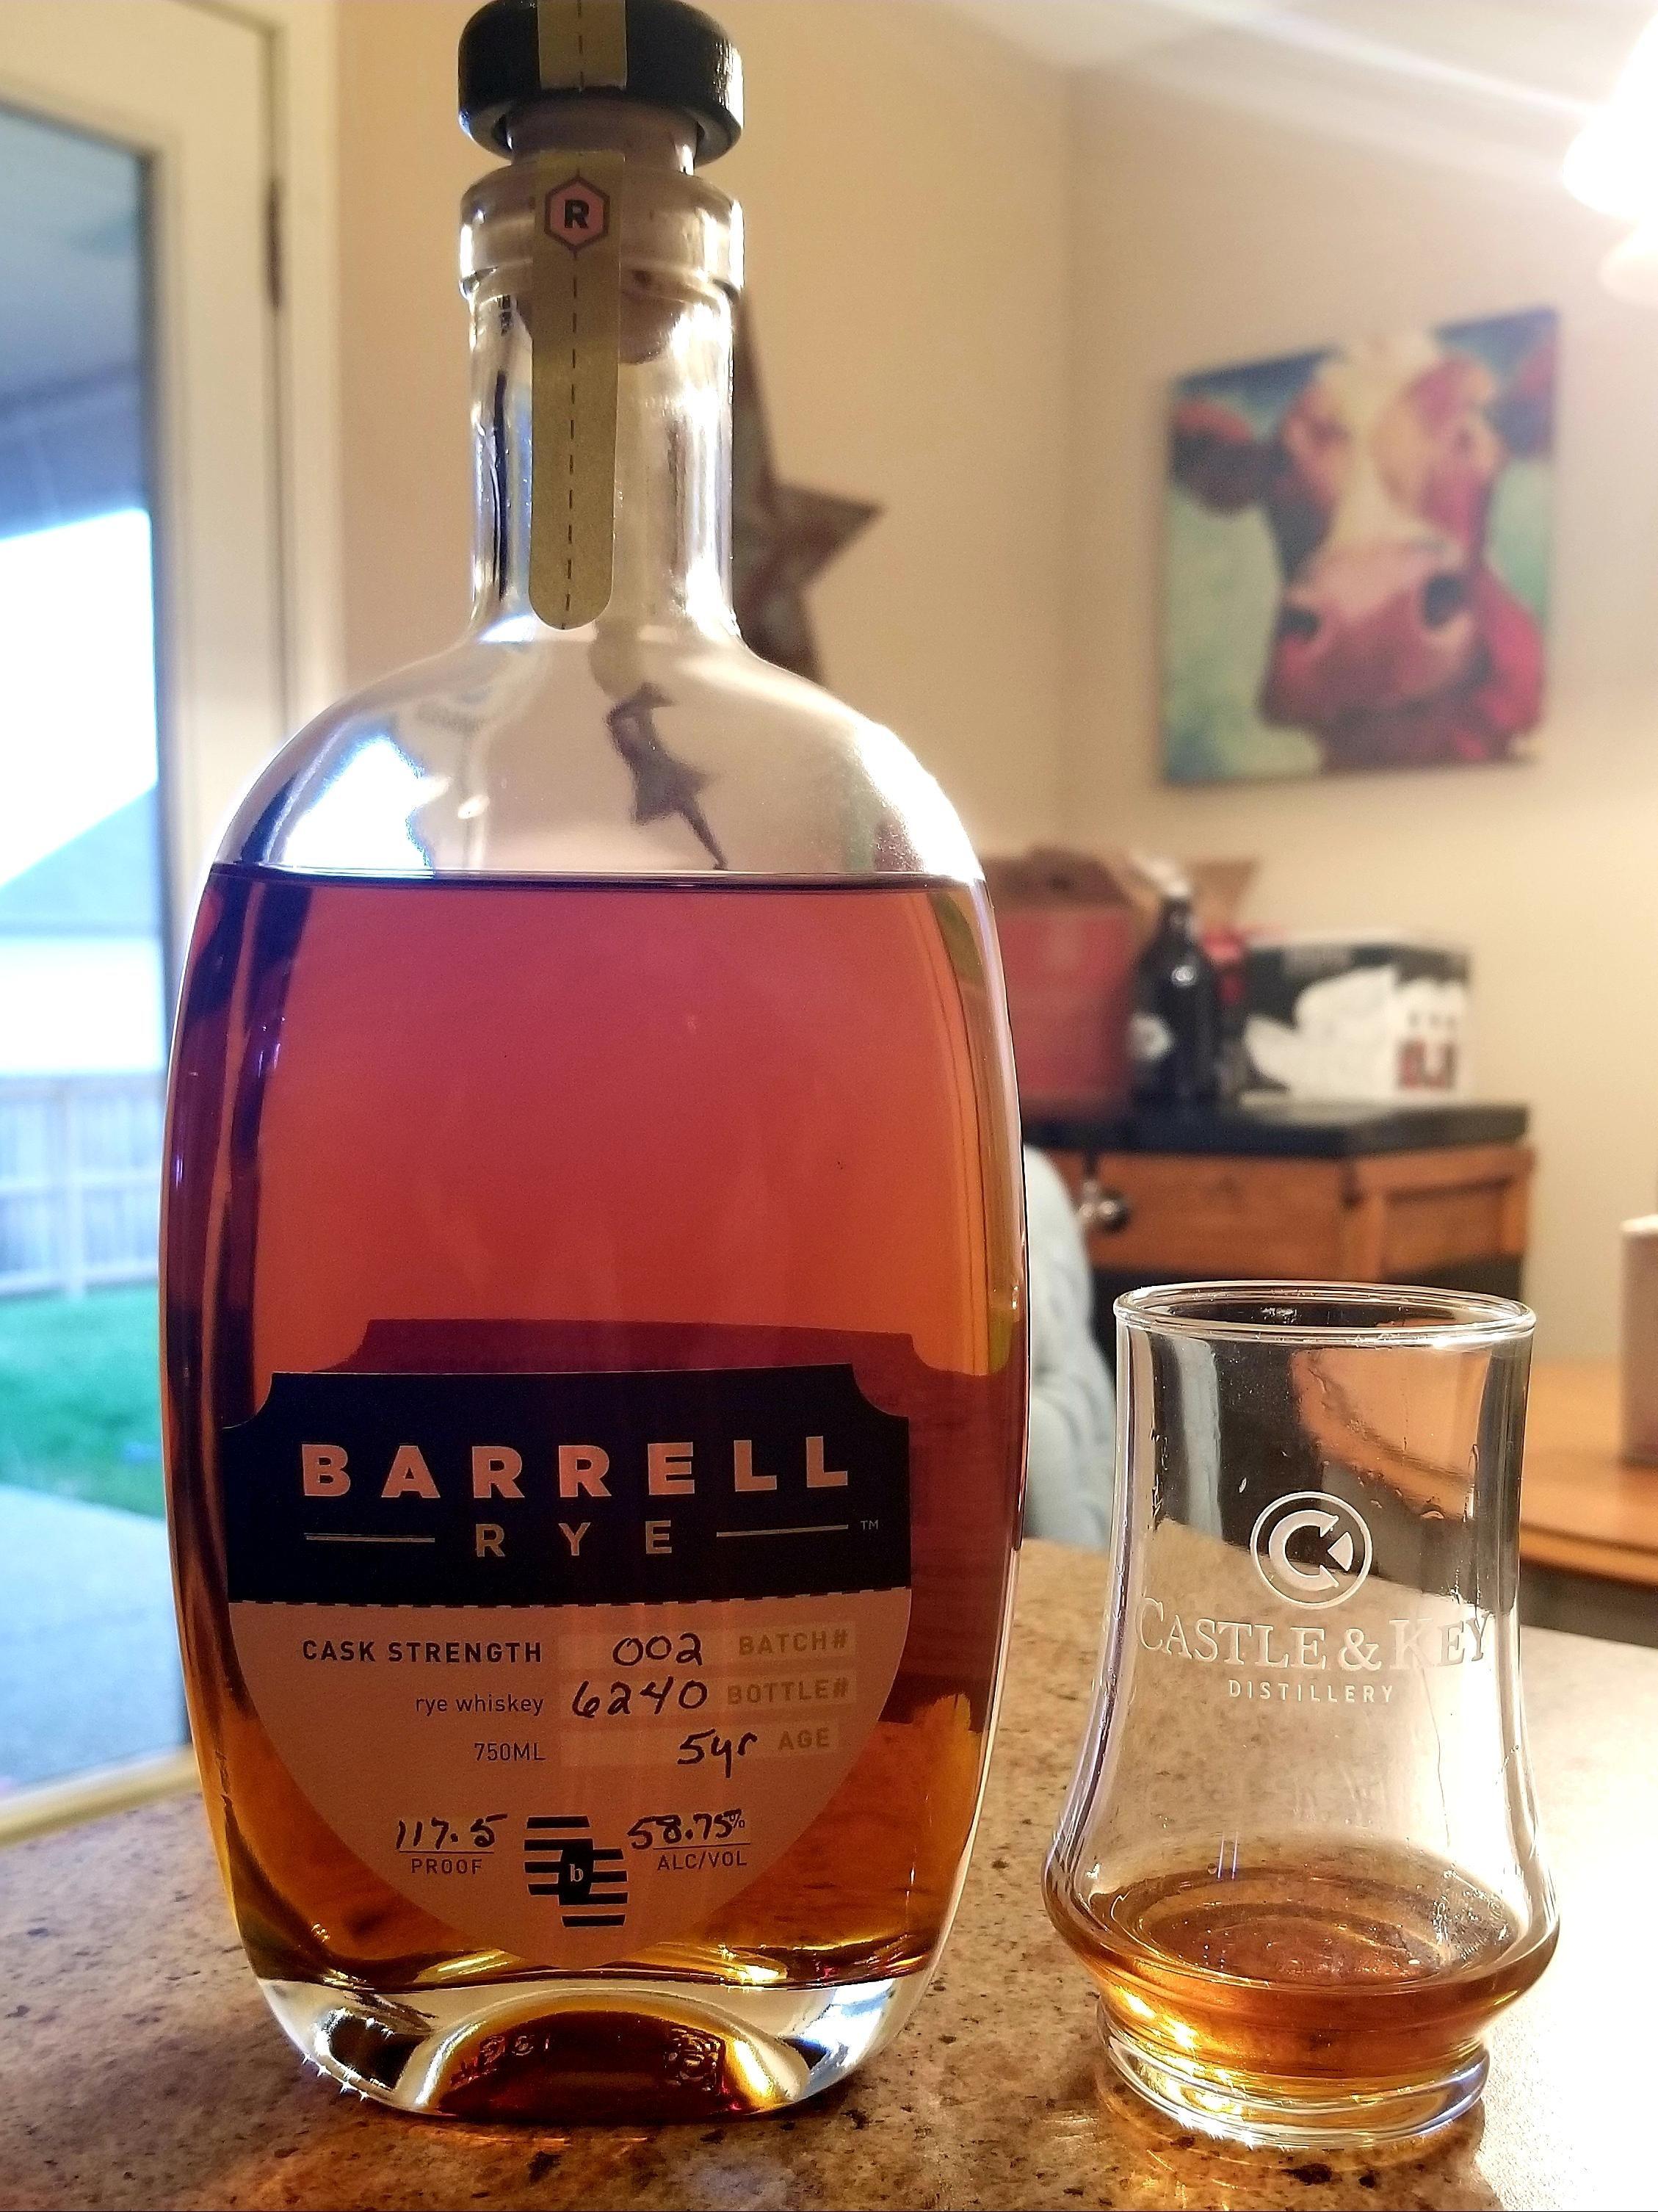 Review 28 Barrell Rye Batch 002 Https Ift Tt 2ppds3j Whisky Whiskey Whiskey Bottle